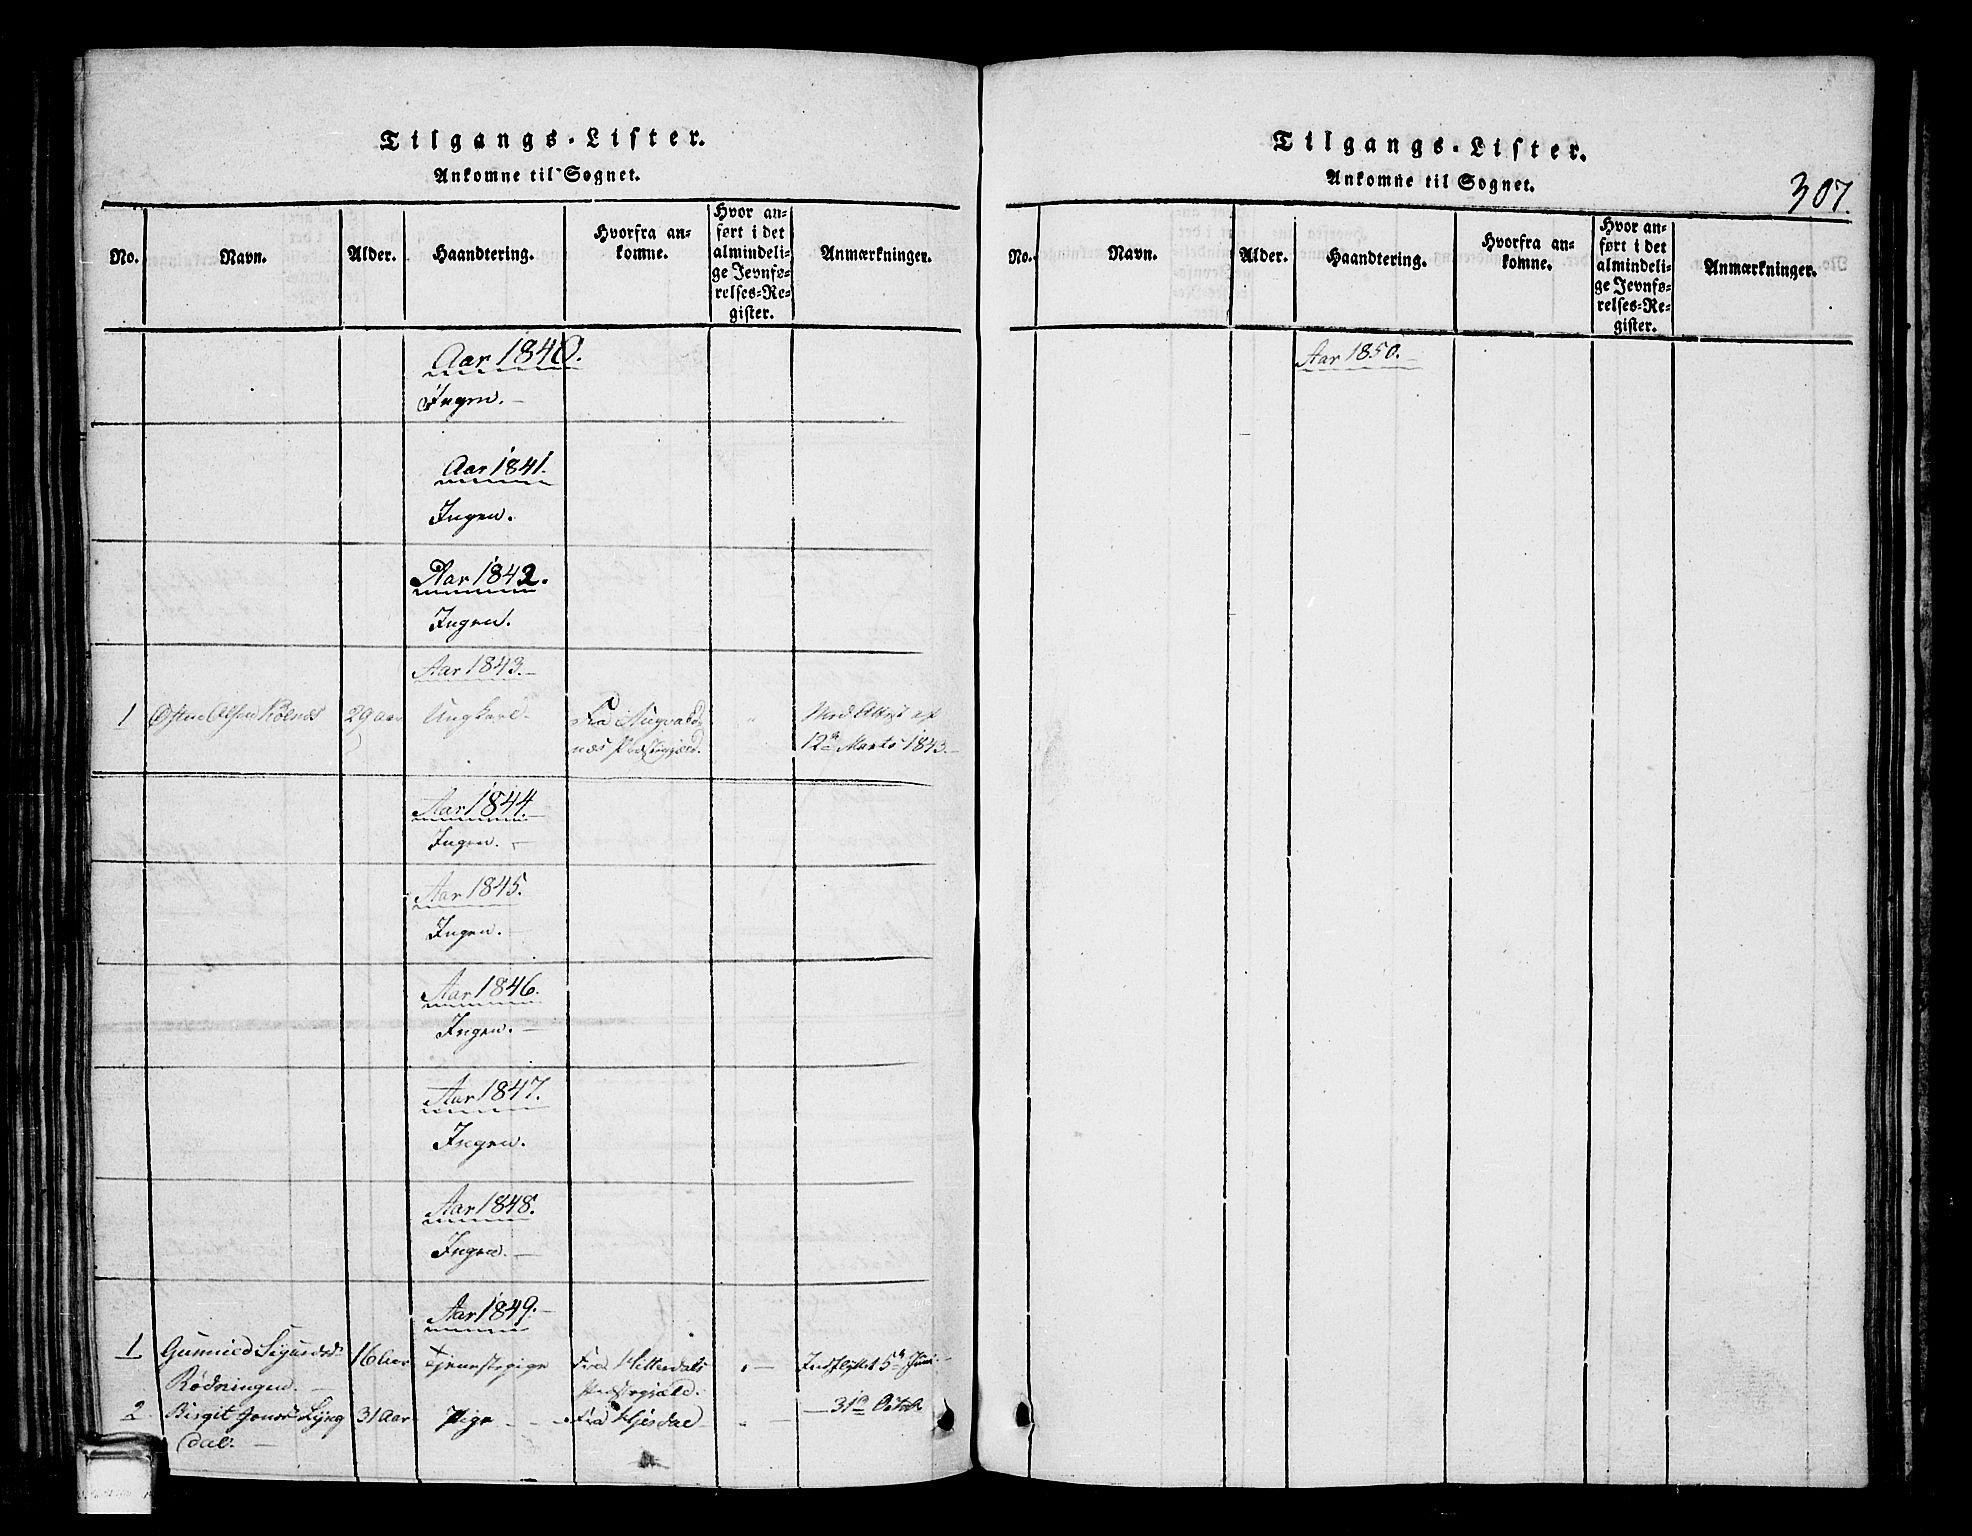 SAKO, Tinn kirkebøker, G/Gb/L0001: Klokkerbok nr. II 1 /1, 1815-1850, s. 307